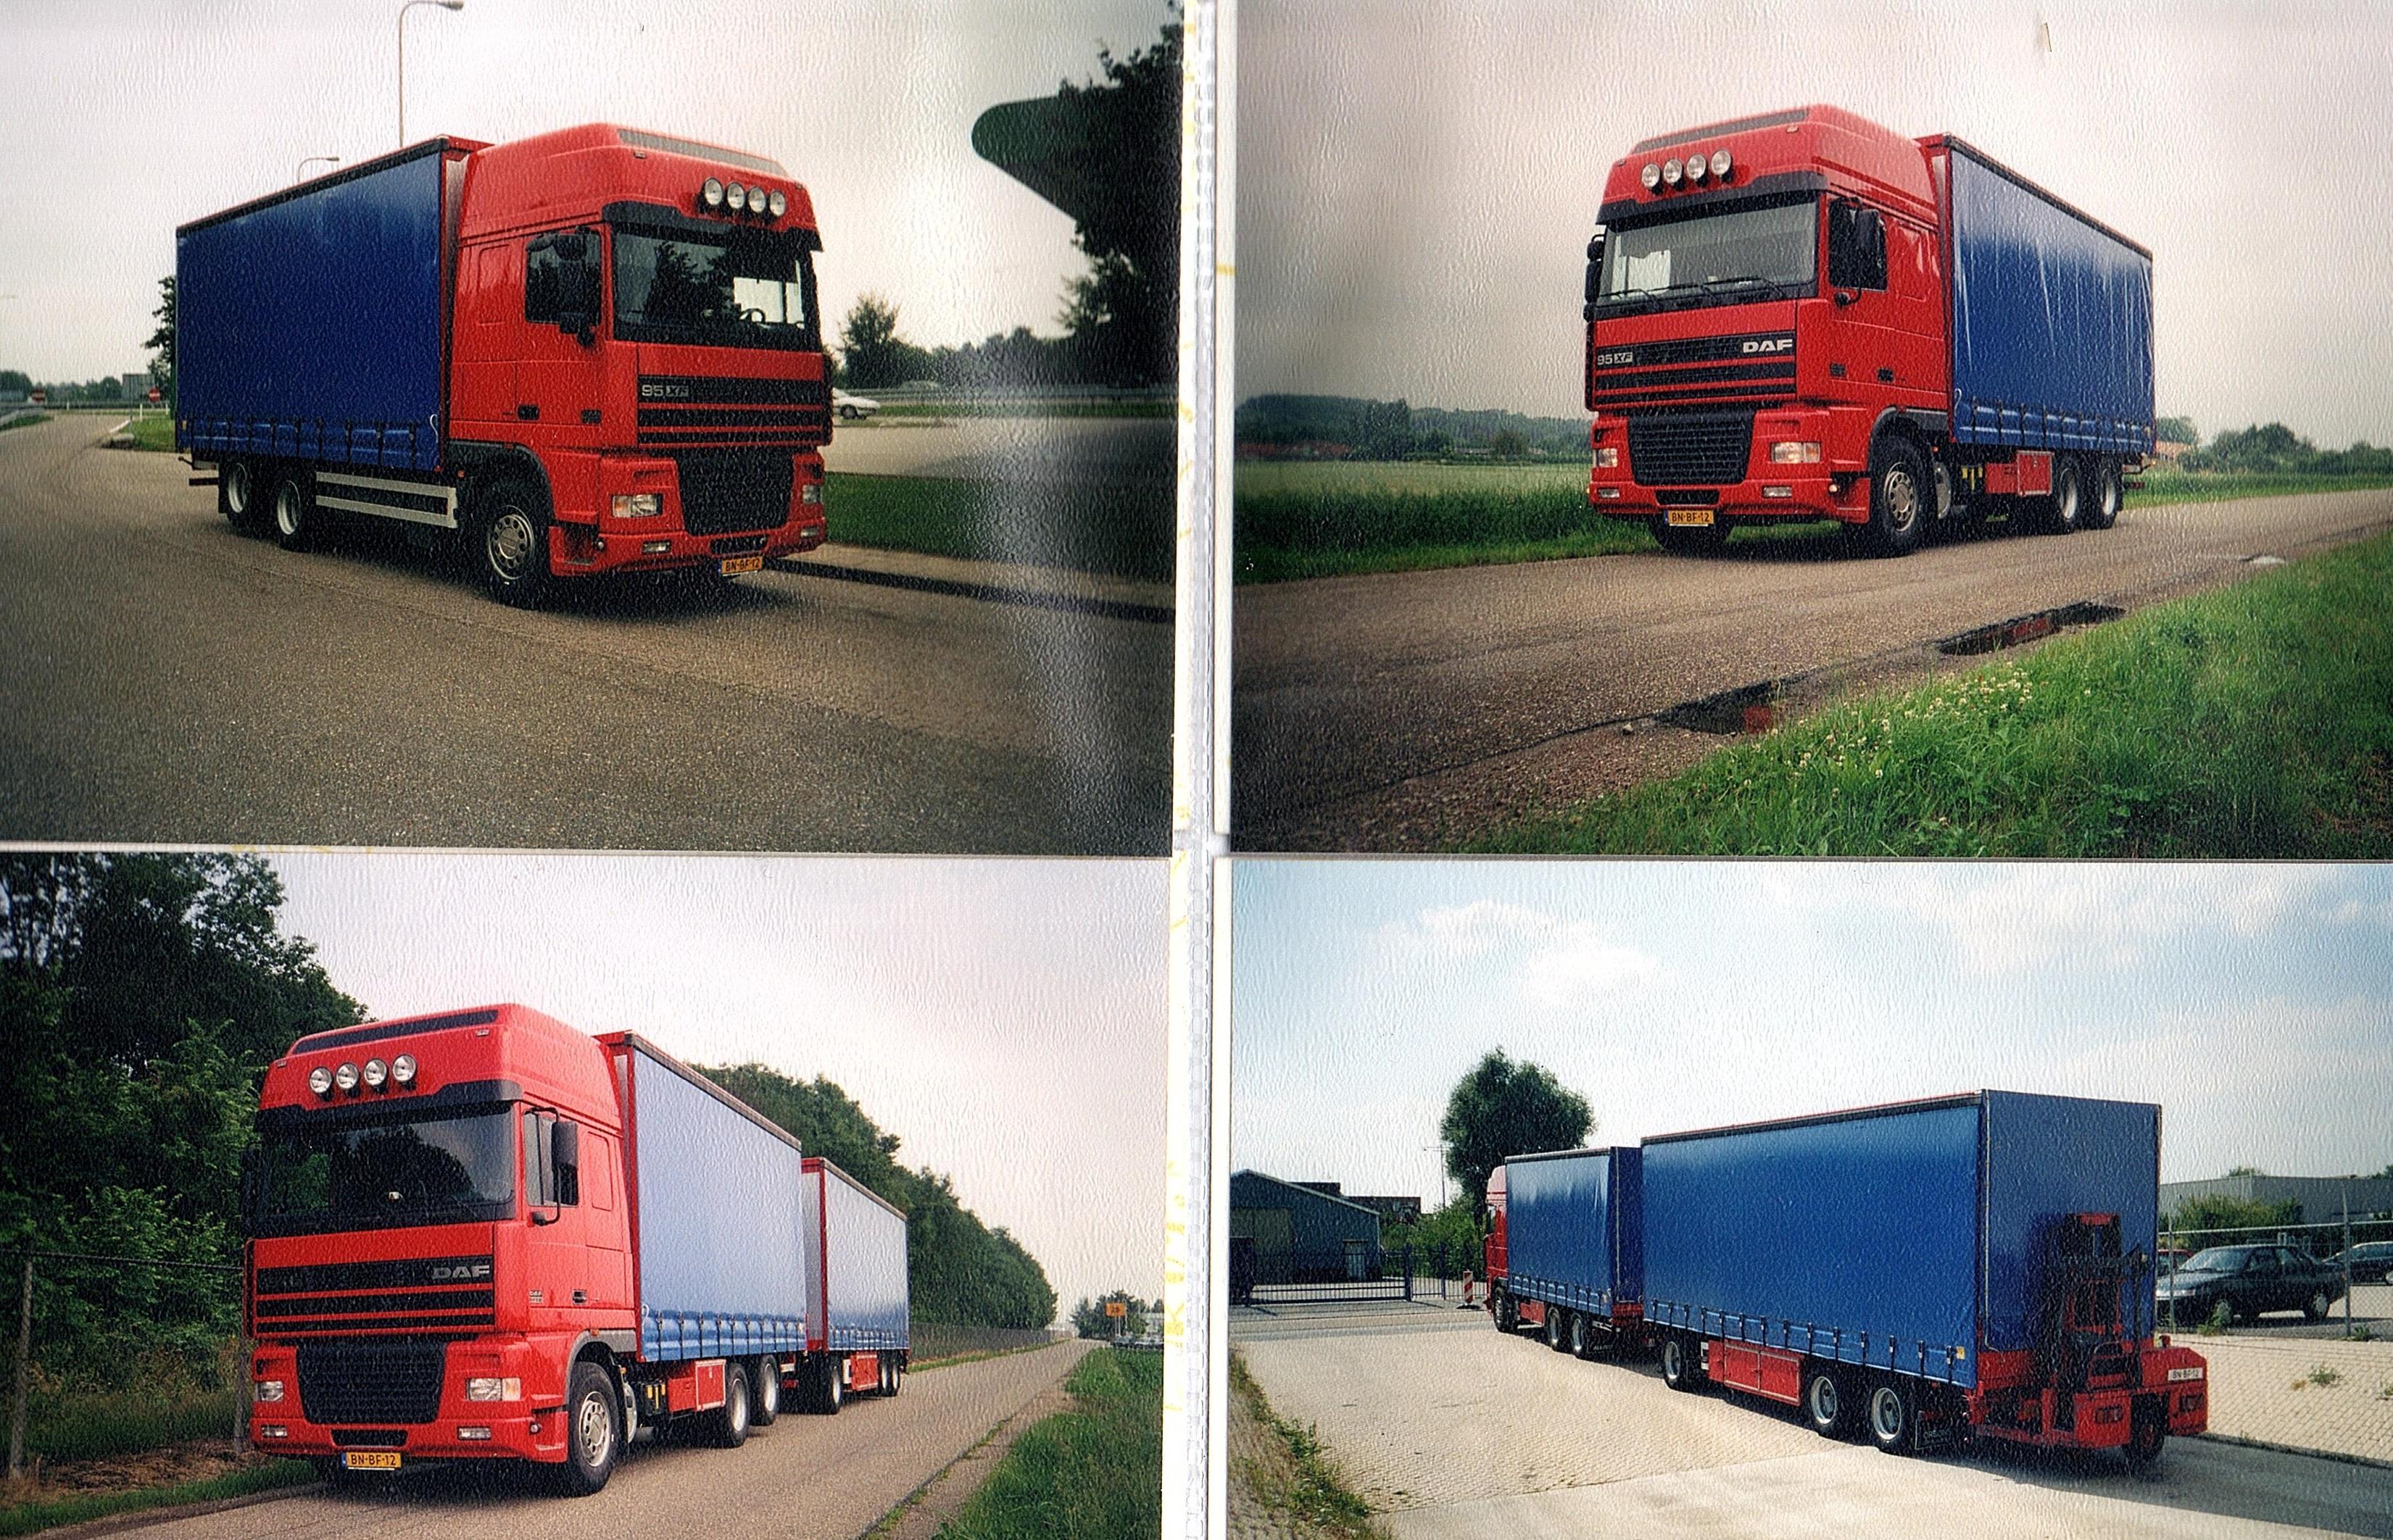 Daf-Brasse-ulestraten-container-opbouw.-1